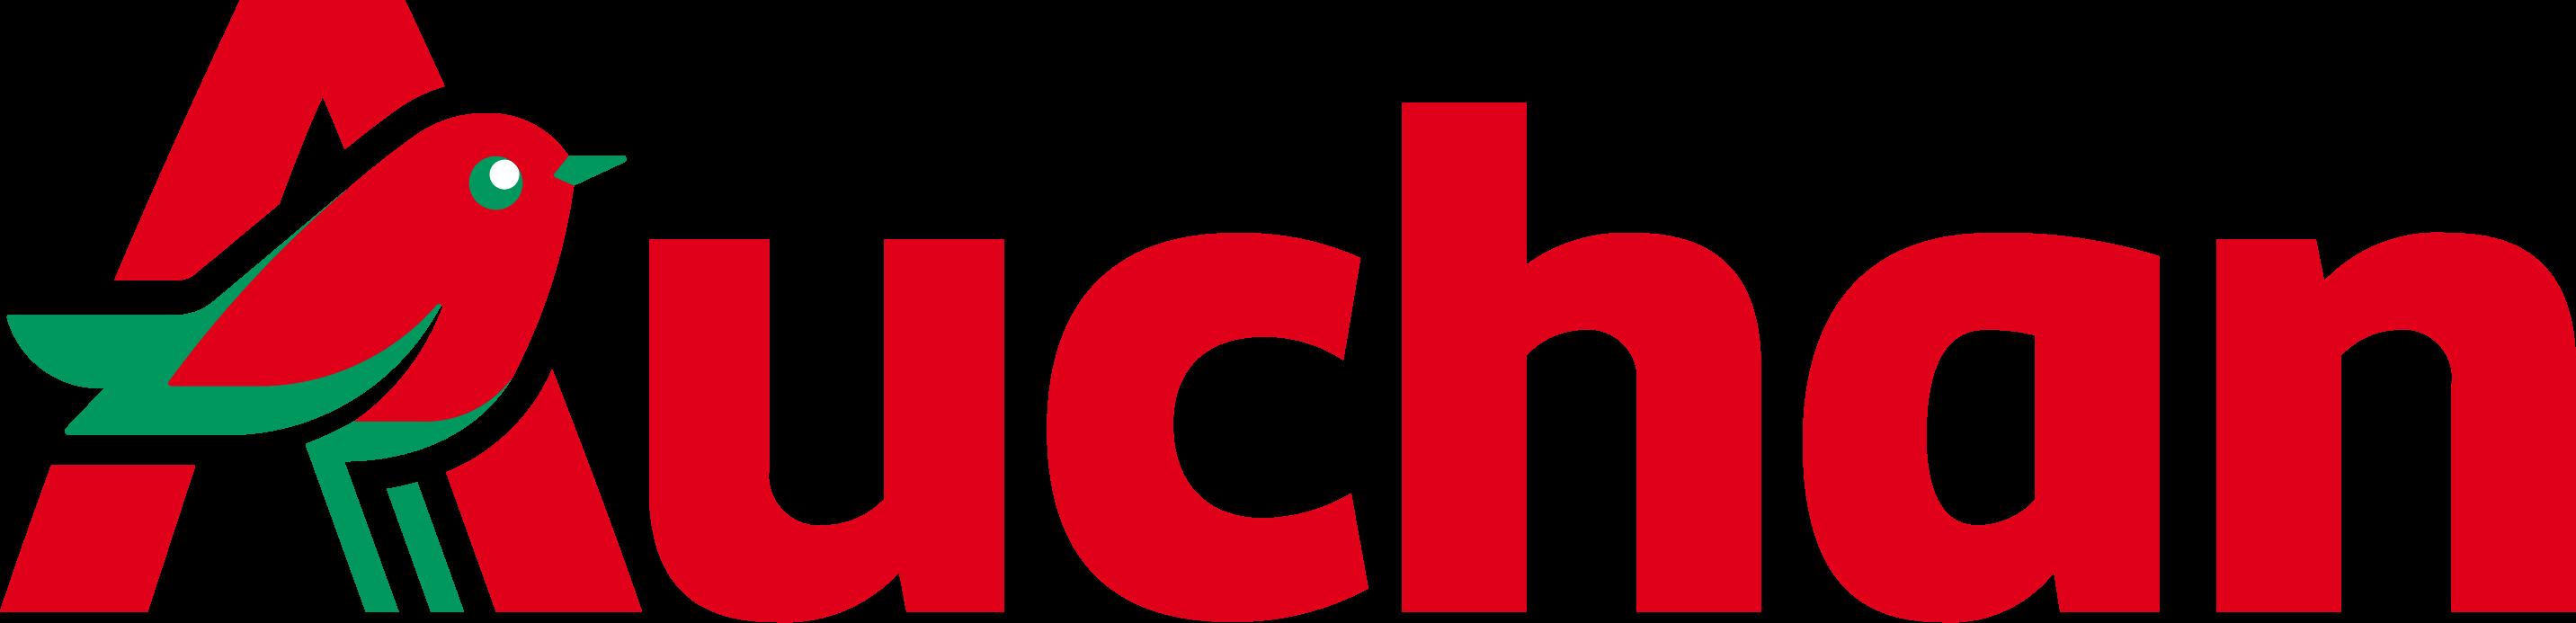 Auchan Logo png